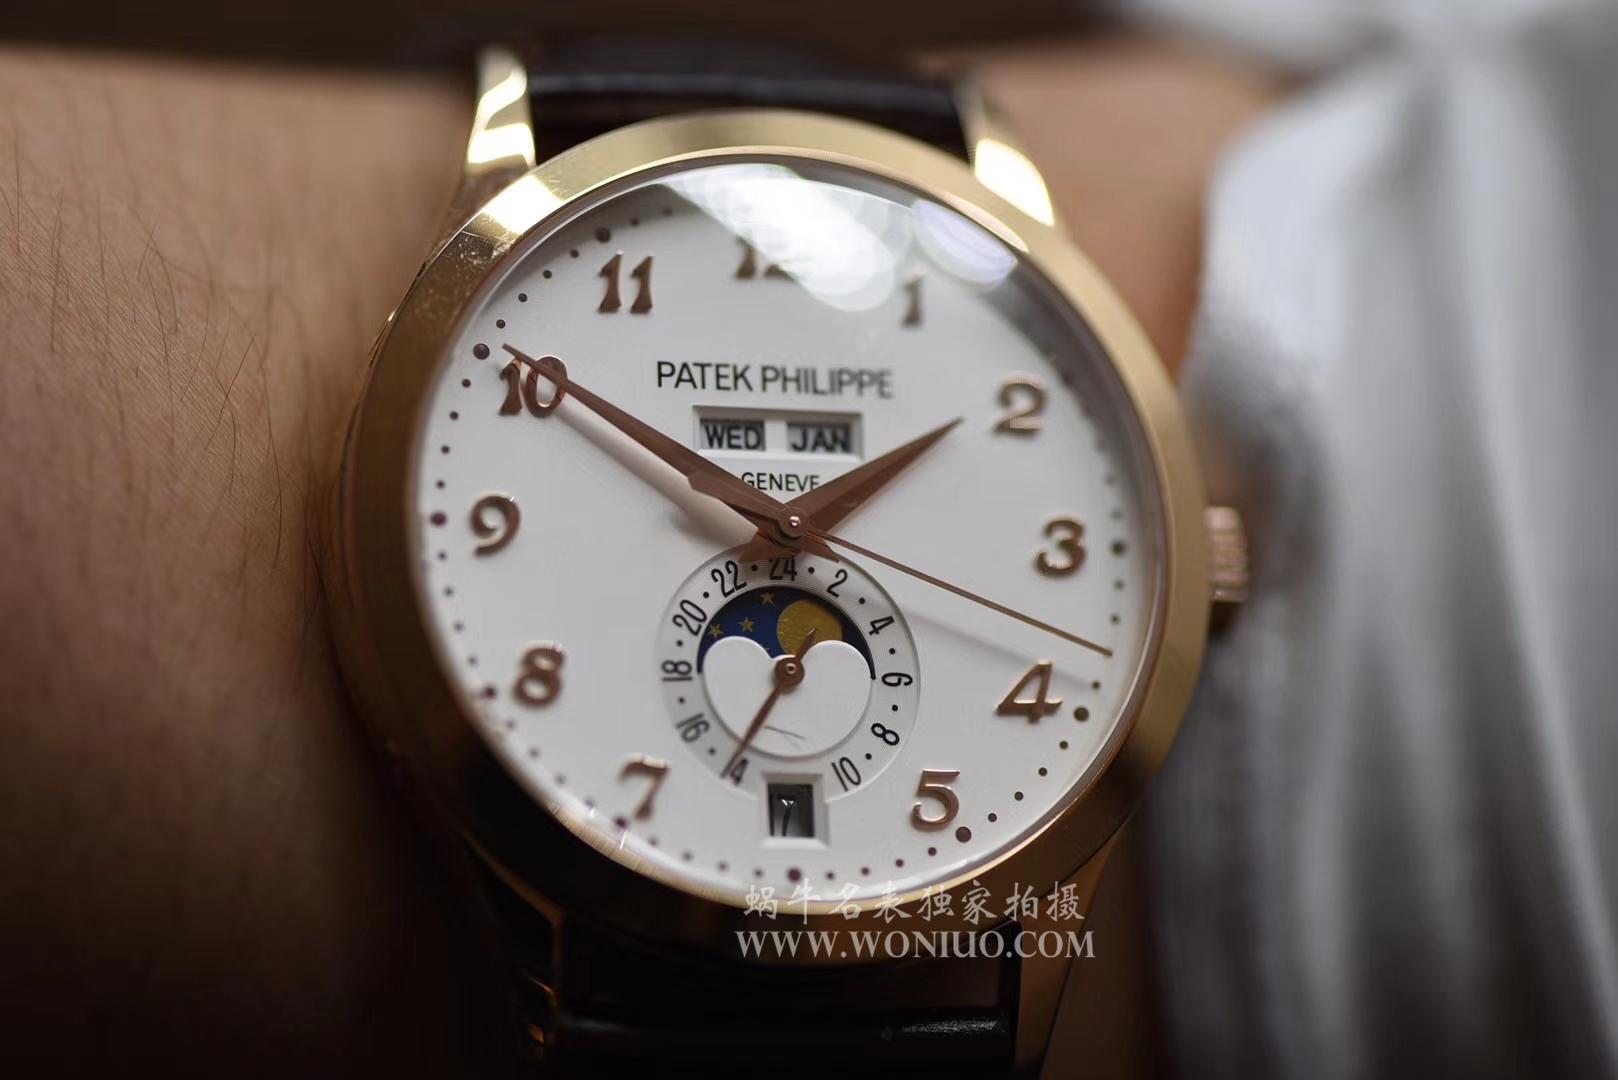 【台湾厂复刻手表】百达翡丽复杂功能计时系列5396R-011腕表 / BD171